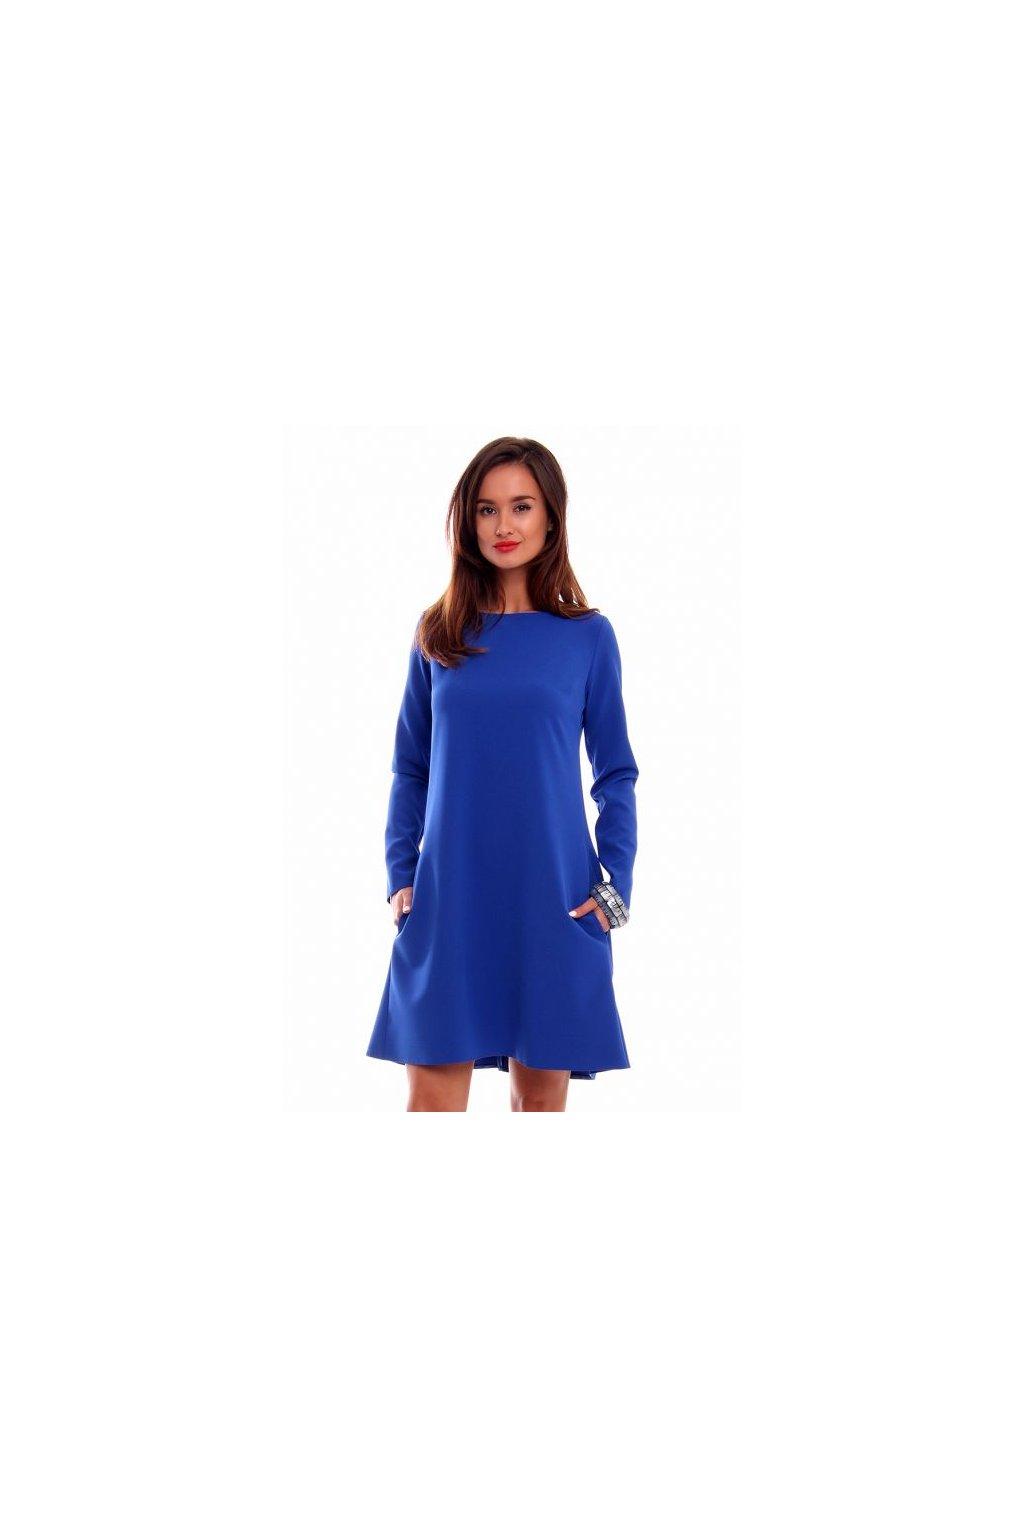 Elegantné šaty s dlhým rukávom CM510 modré - Tentation.sk df5d35f2549